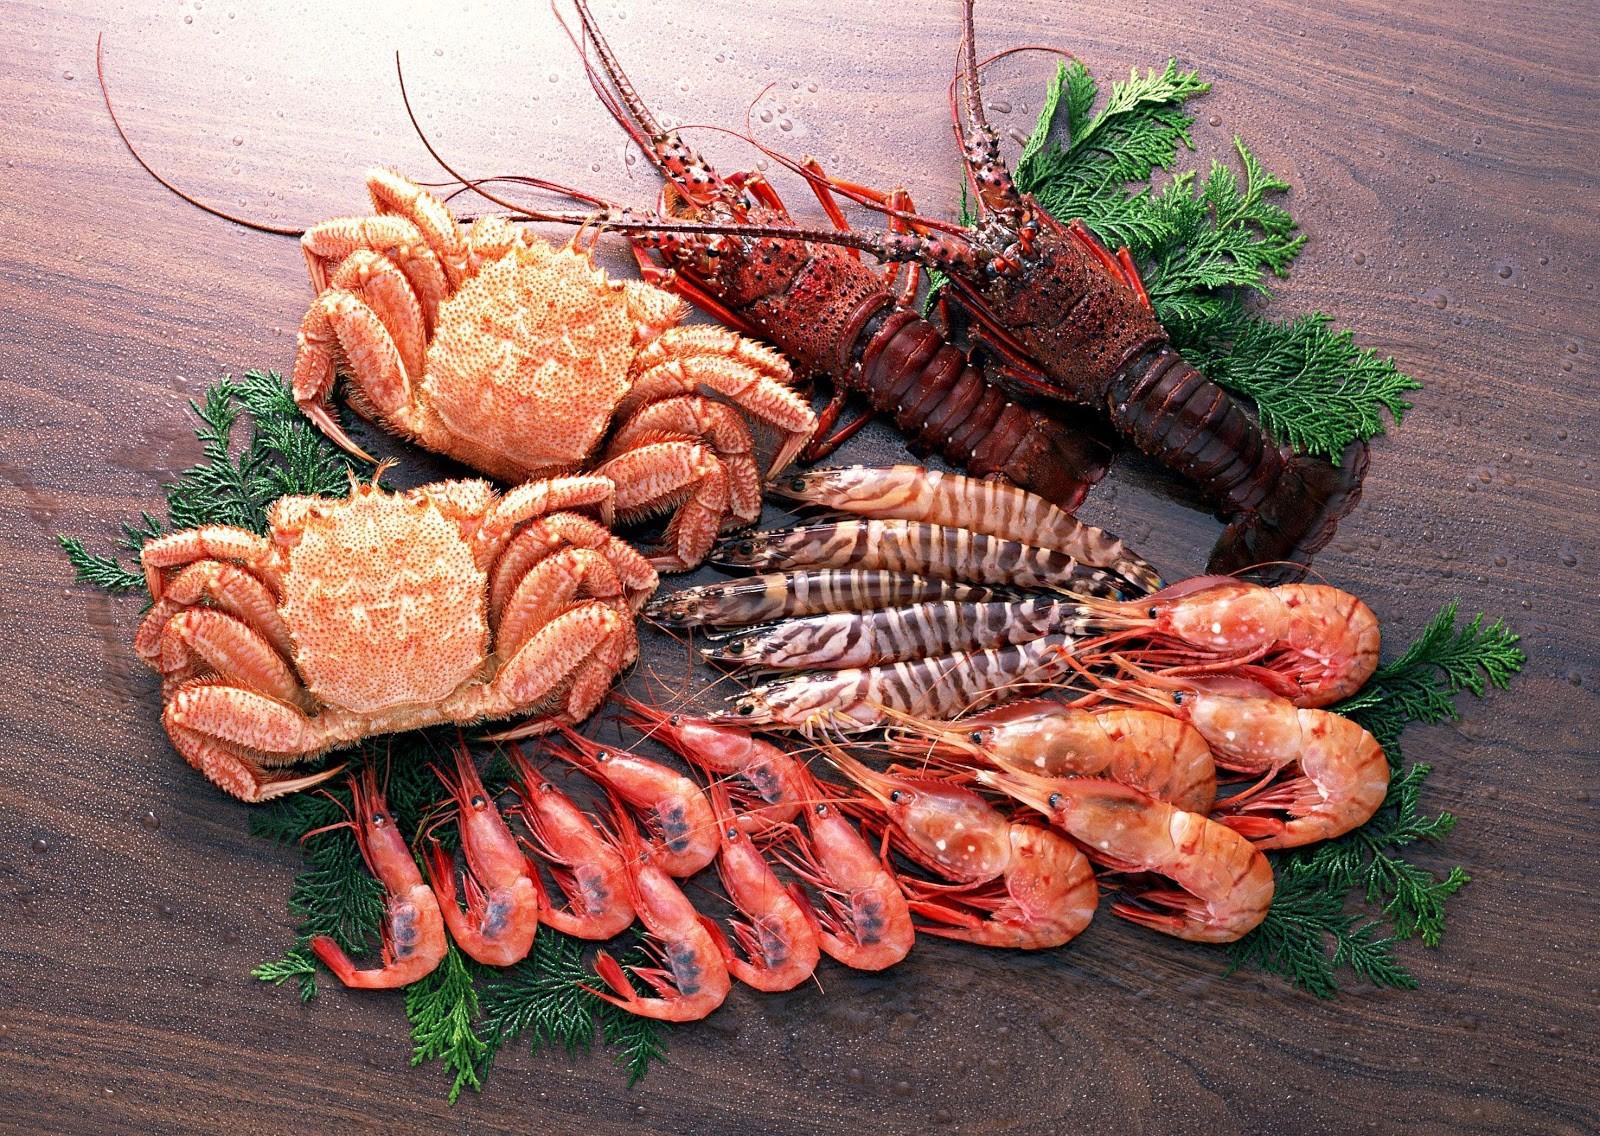 Hải sản chứa rất nhiều chất dinh dưỡng cần thiết cho cơ thể, đặc biệt là Canxi